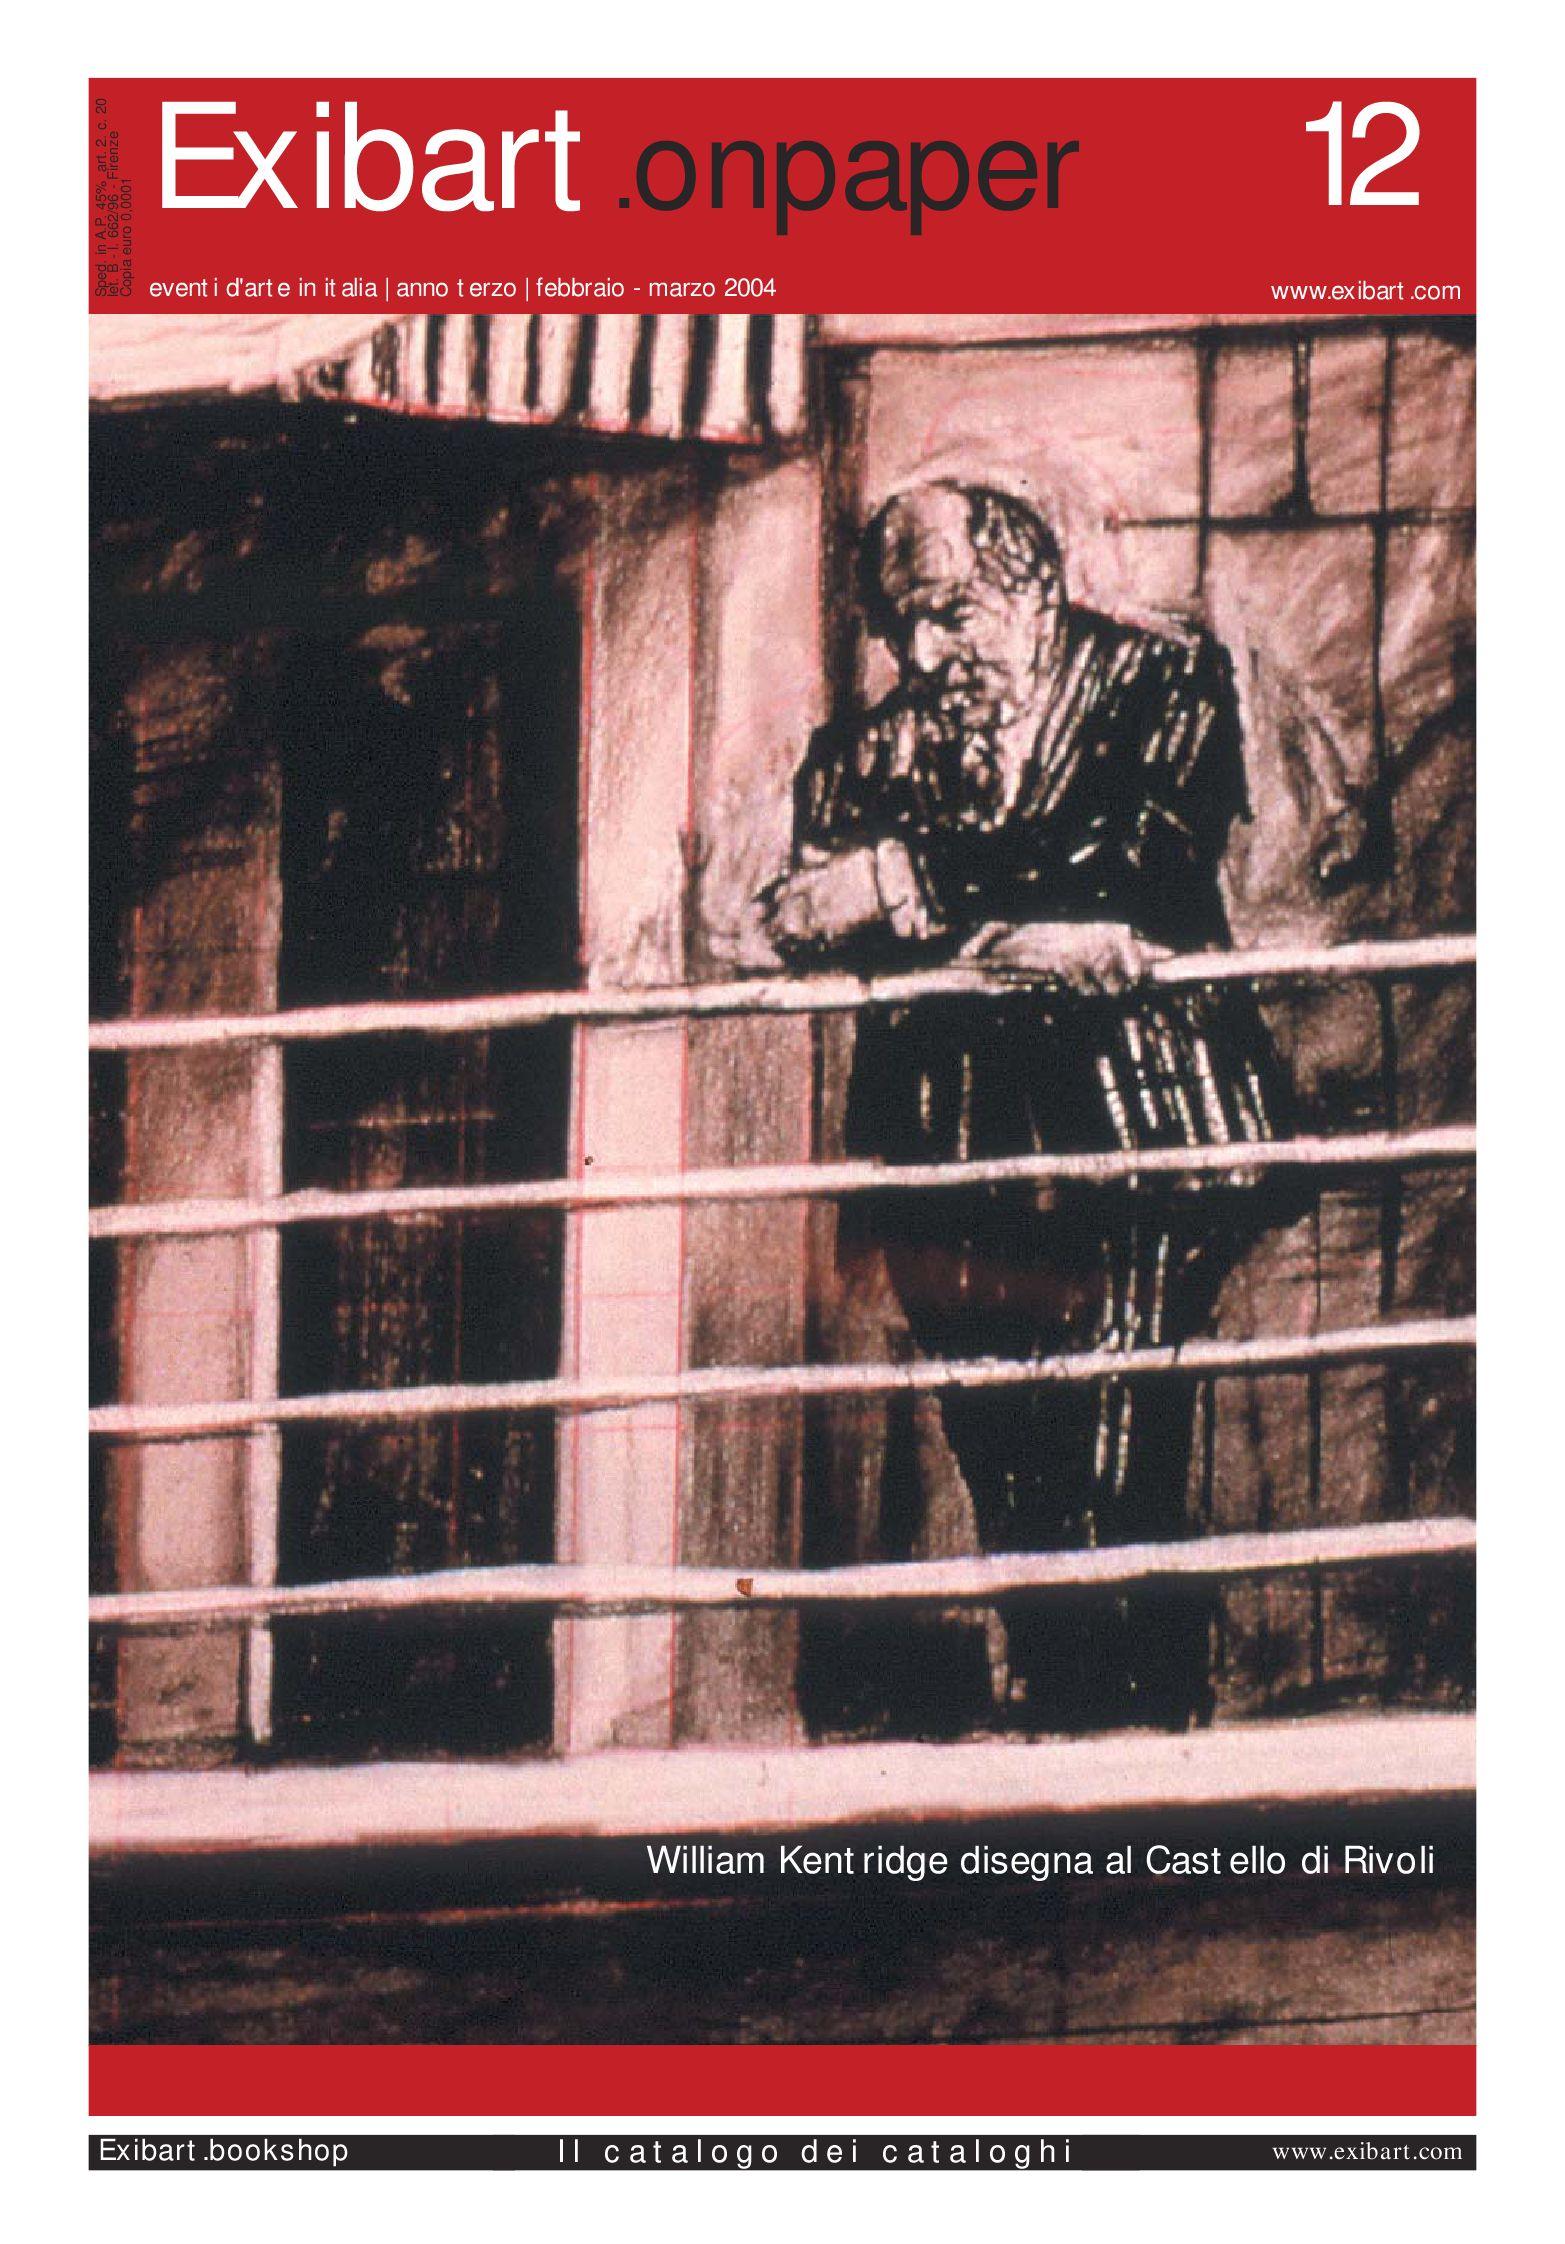 CASA delle Bambole piani progetto DVD S Tudor FANTASY MAGHI ritirata